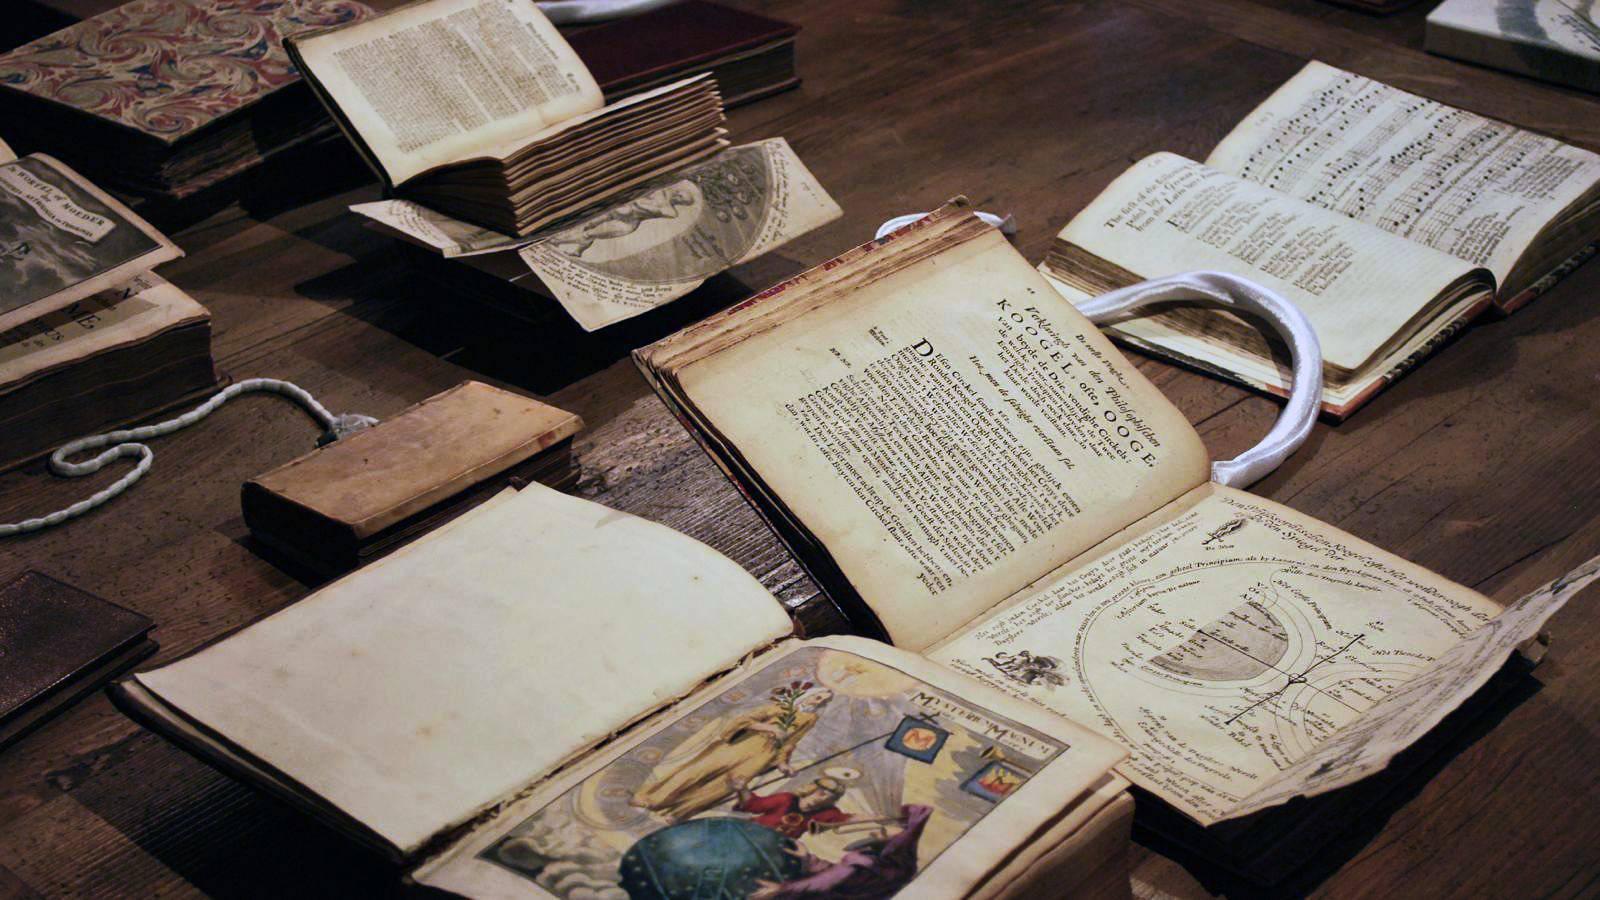 Zavirite u okultnu i ezoteričnu knjižnicu u Amsterdamu gdje je Dan Brown pisao svoje knjige